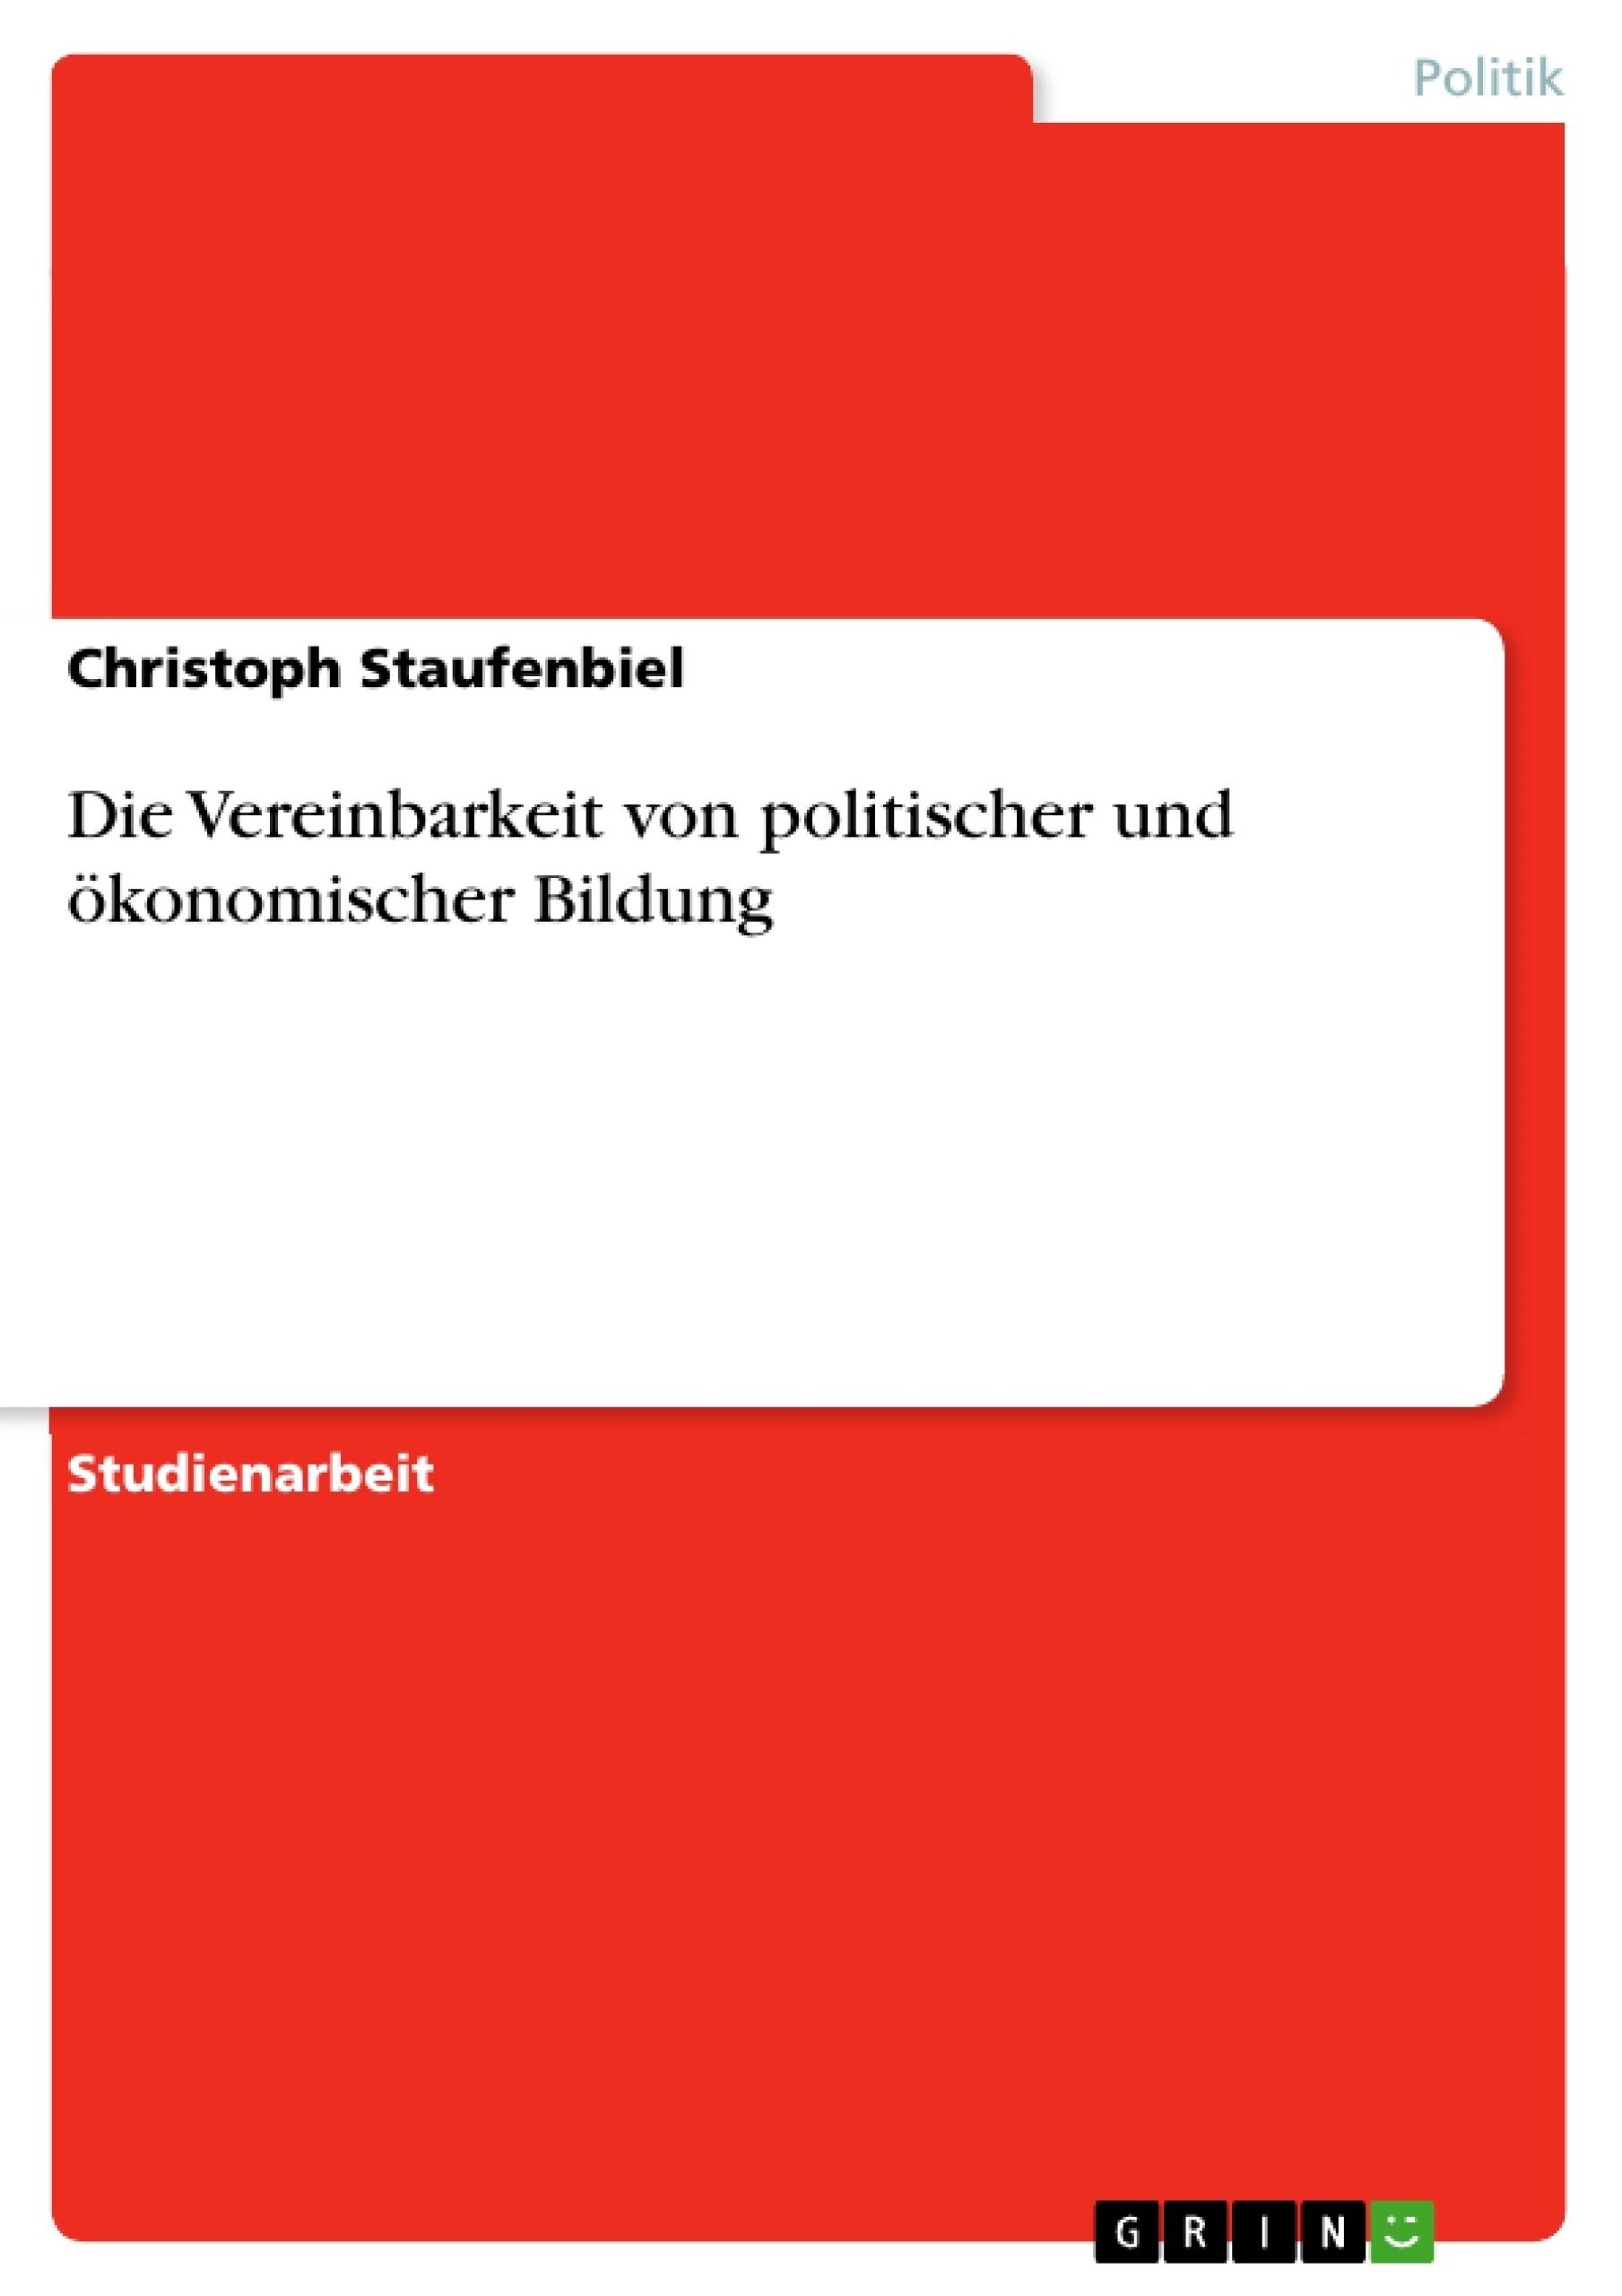 Titel: Die Vereinbarkeit von politischer und ökonomischer Bildung